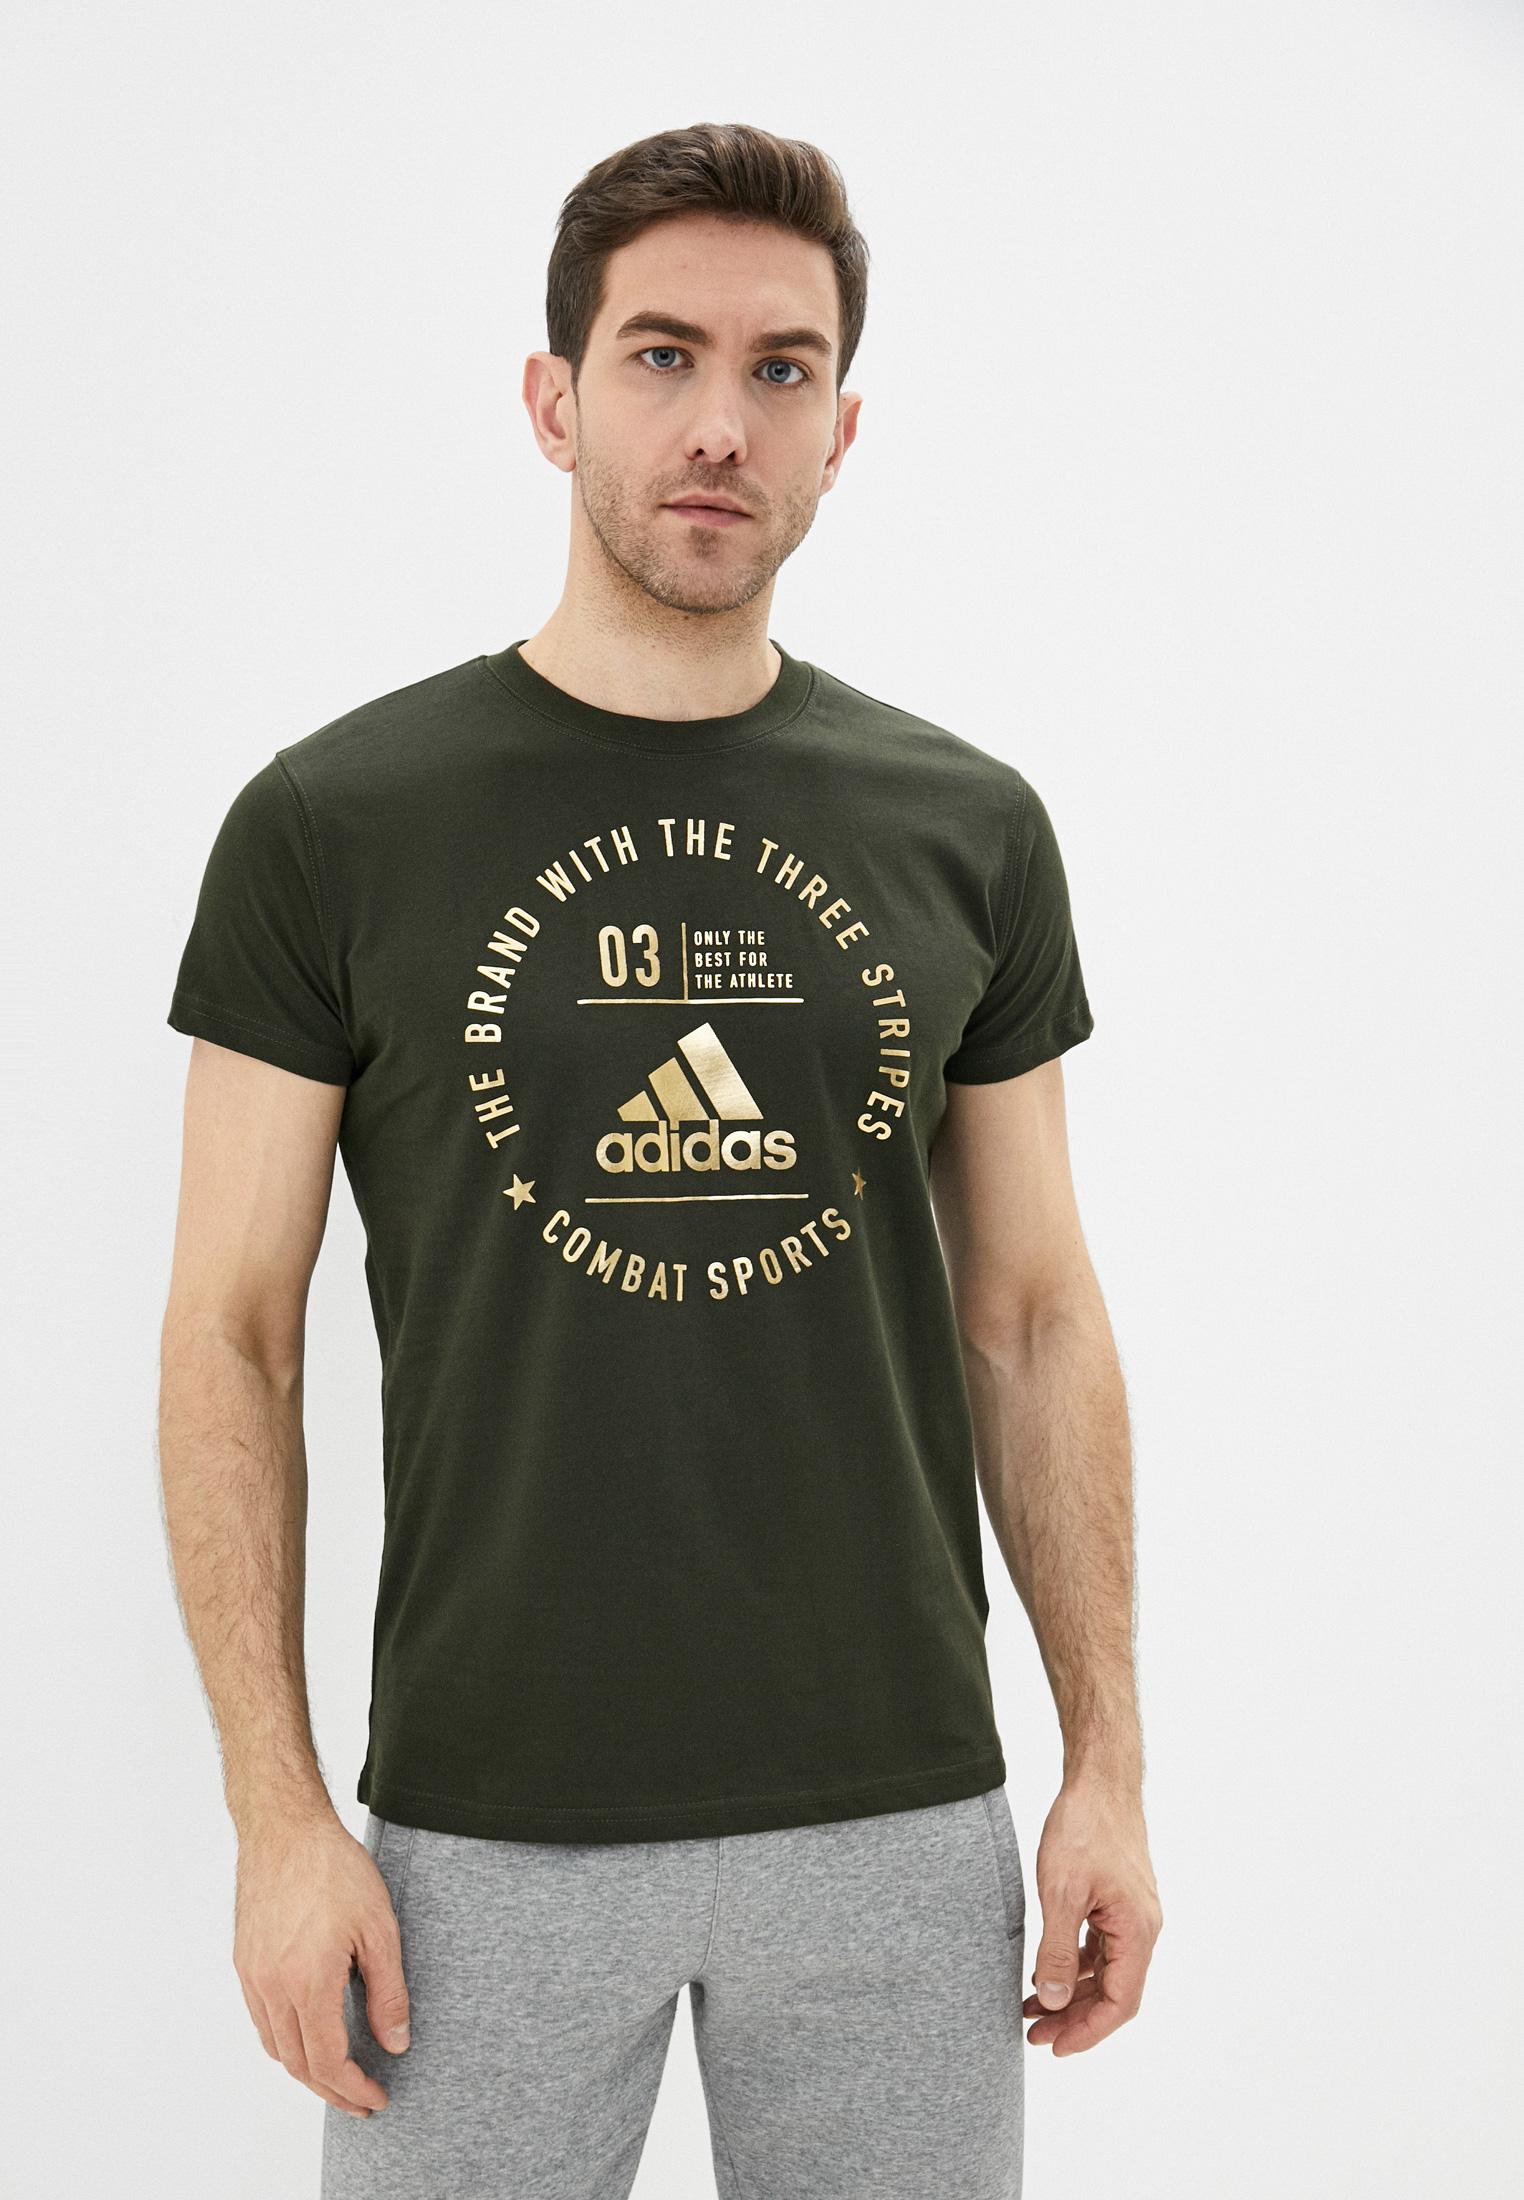 Футболка Adidas Combat (Адидас Комбат) adiCL01CS